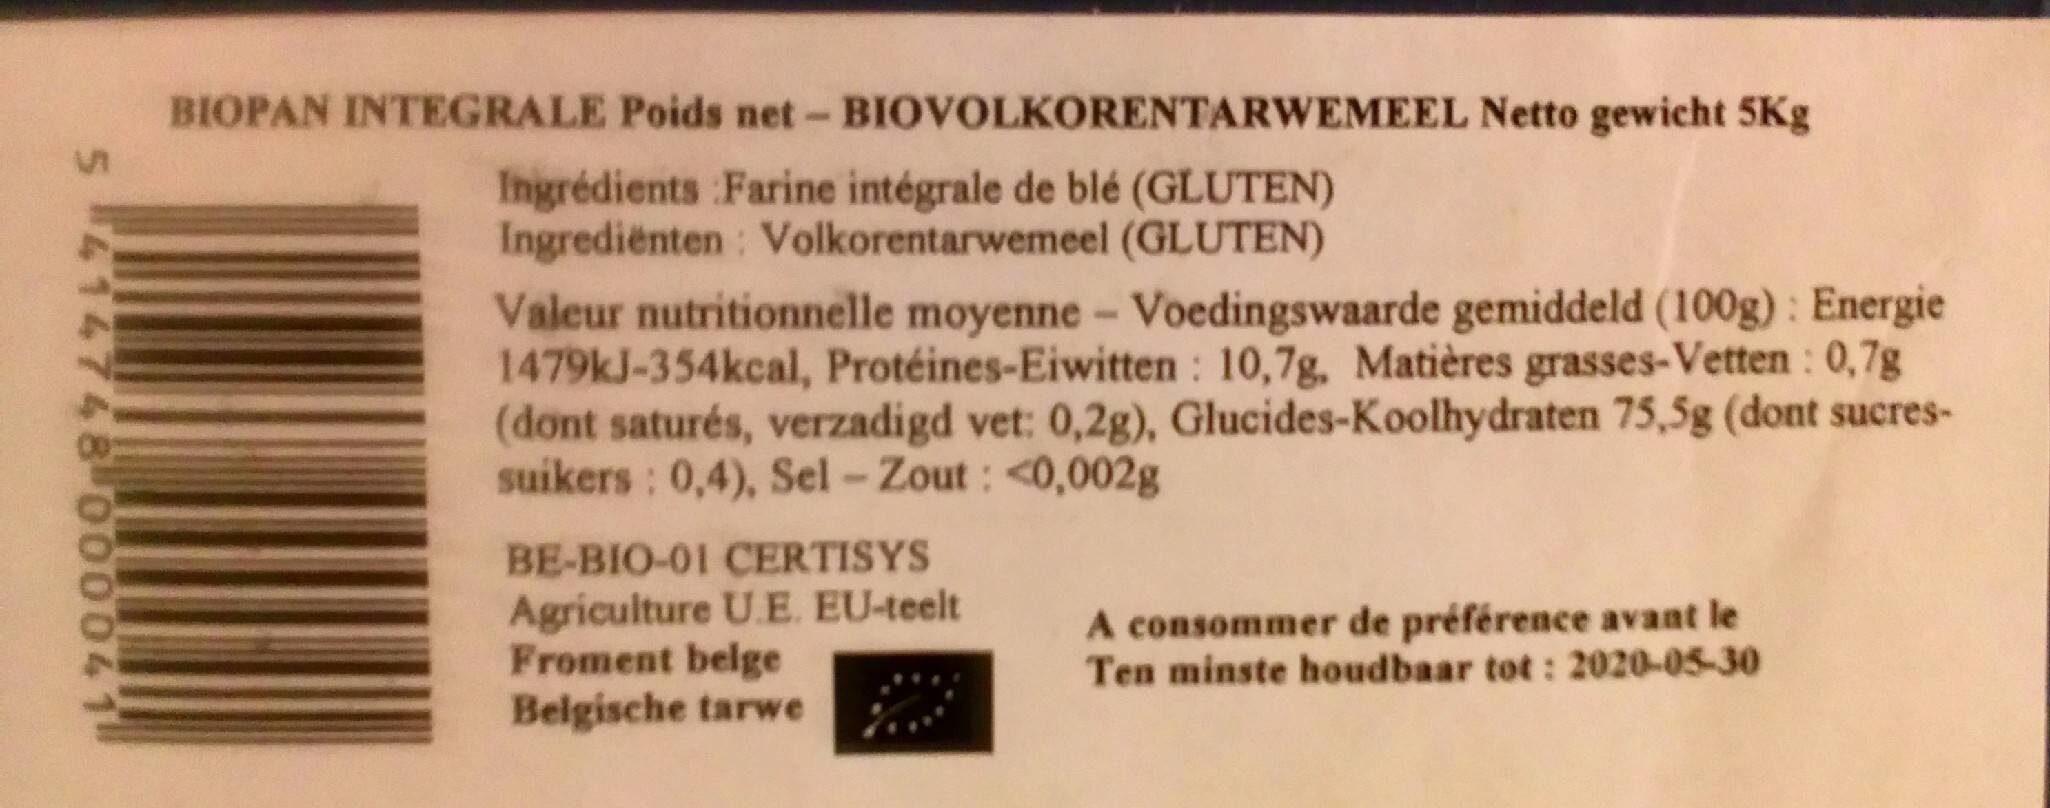 Biopan integrale - Voedingswaarden